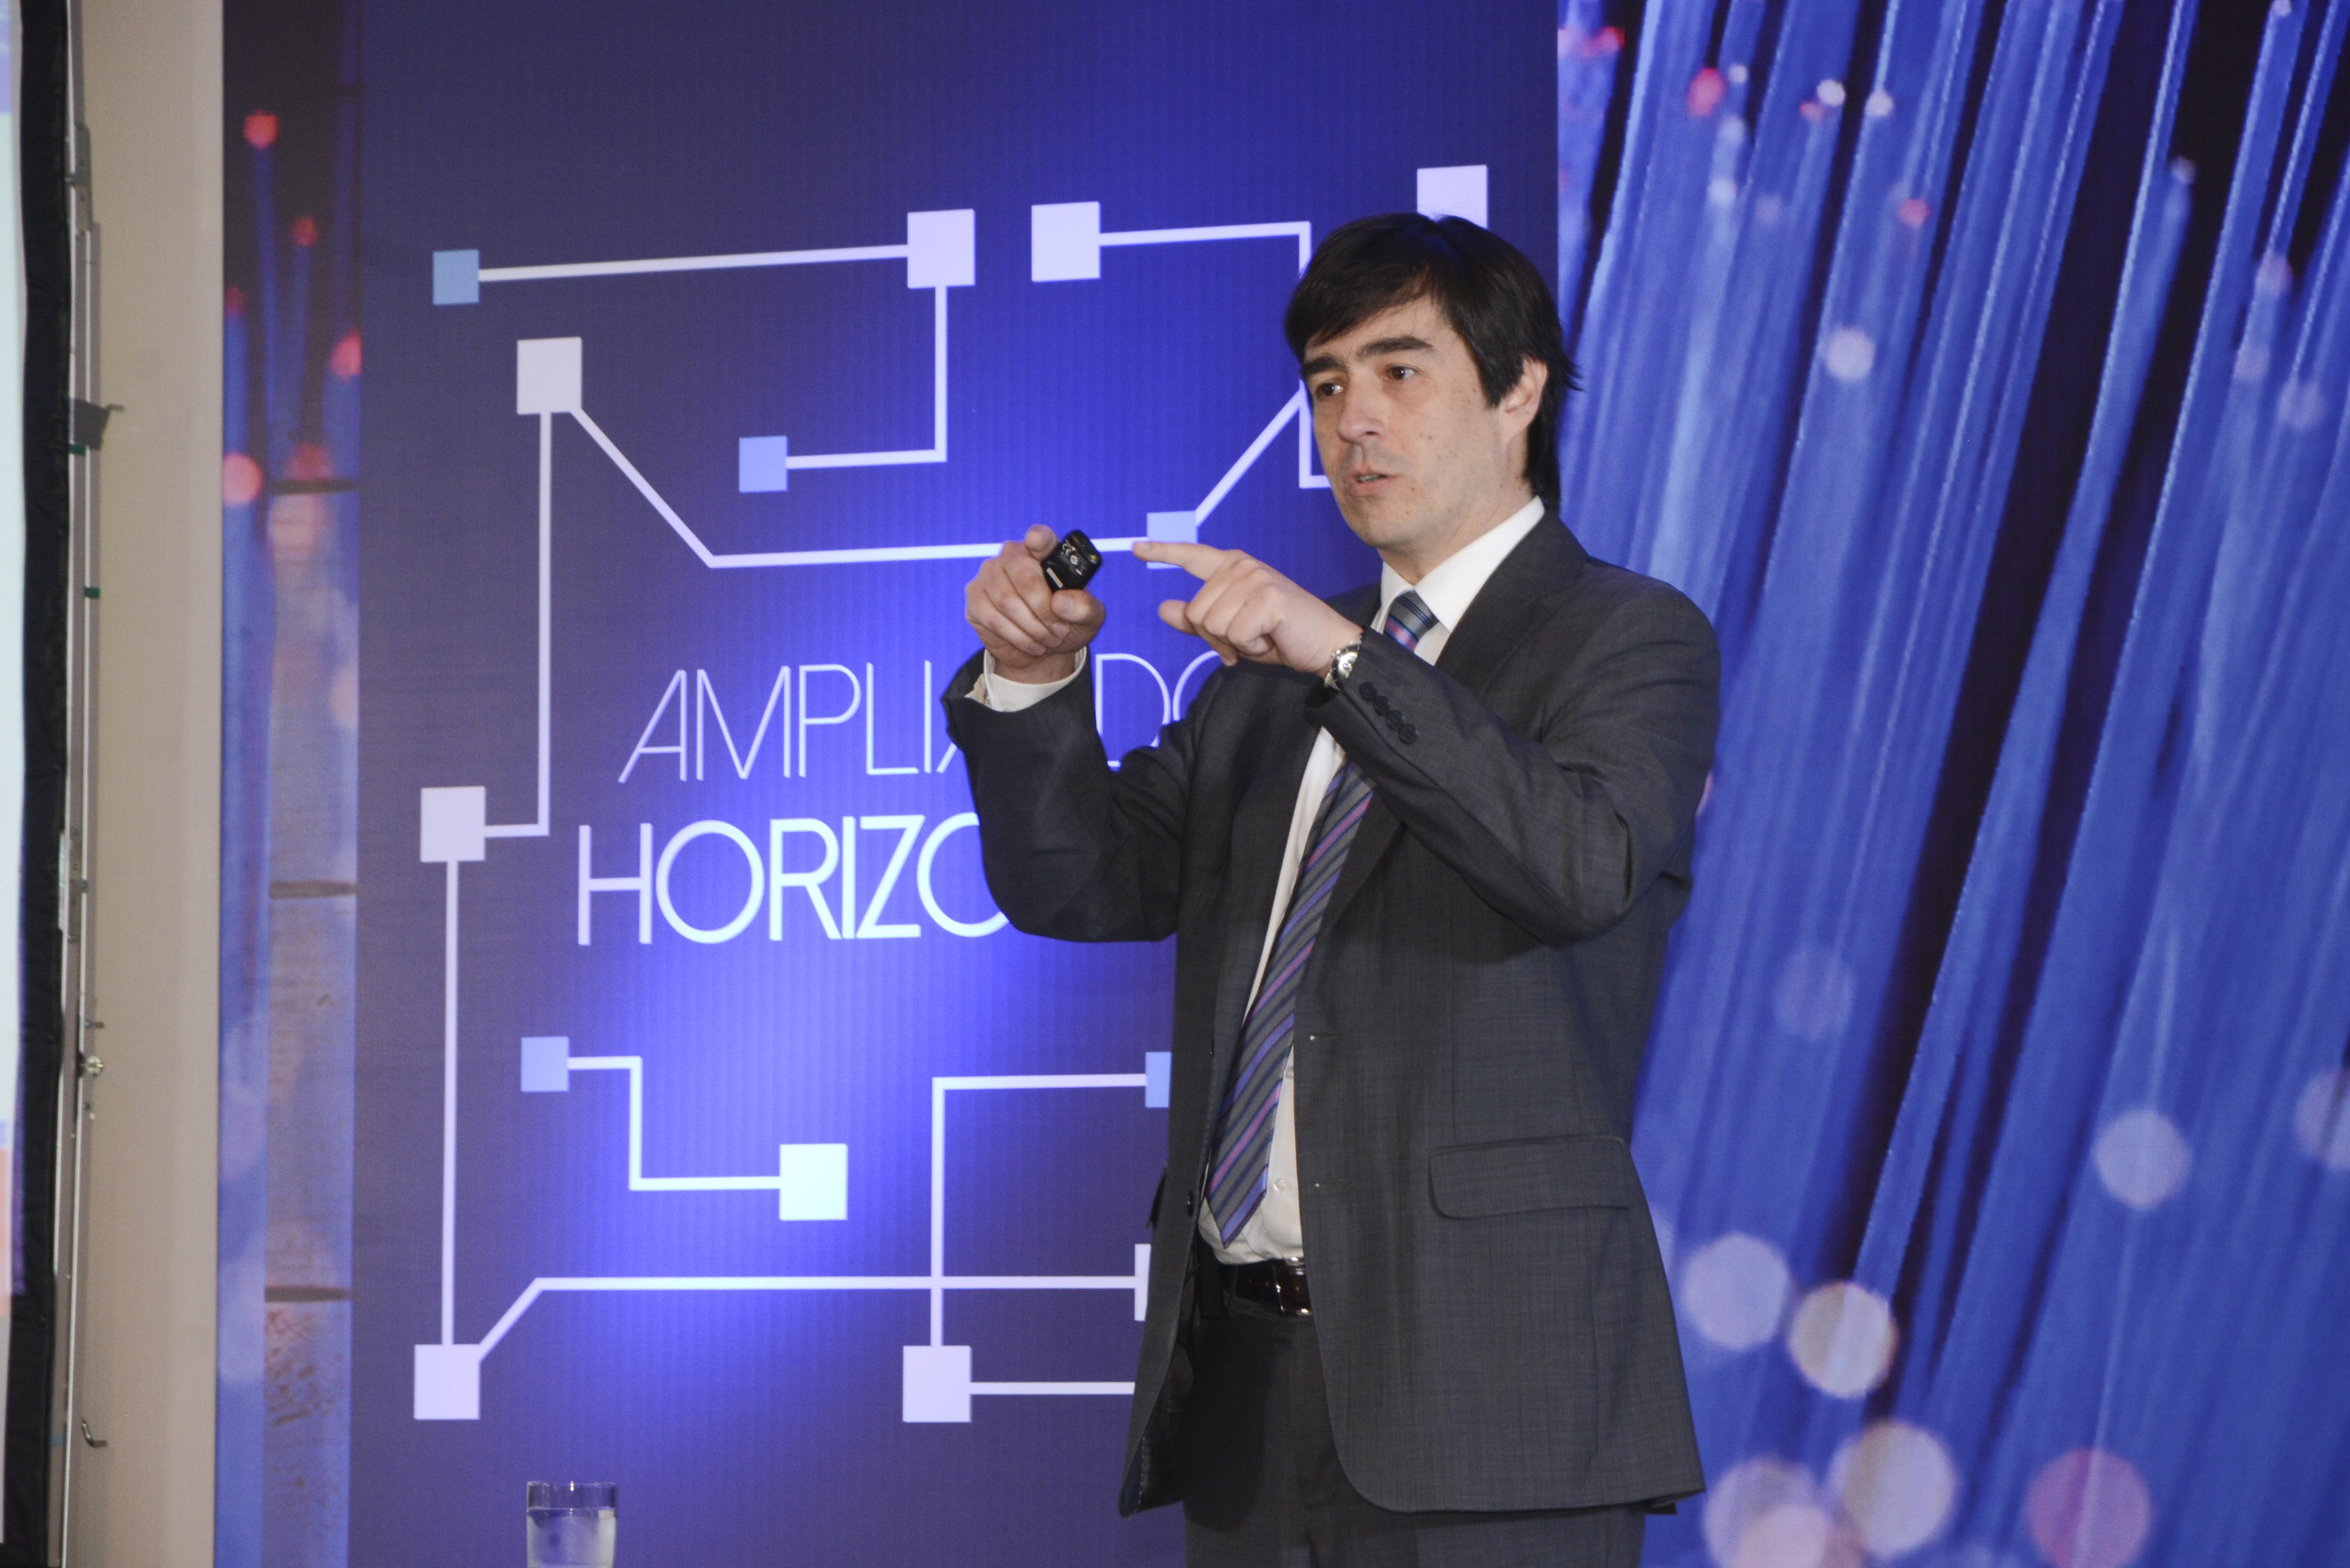 Fundación País Digital participa en el II Encuentro de Cableoperadores y proveedores de Internet regionales Internexa 2015